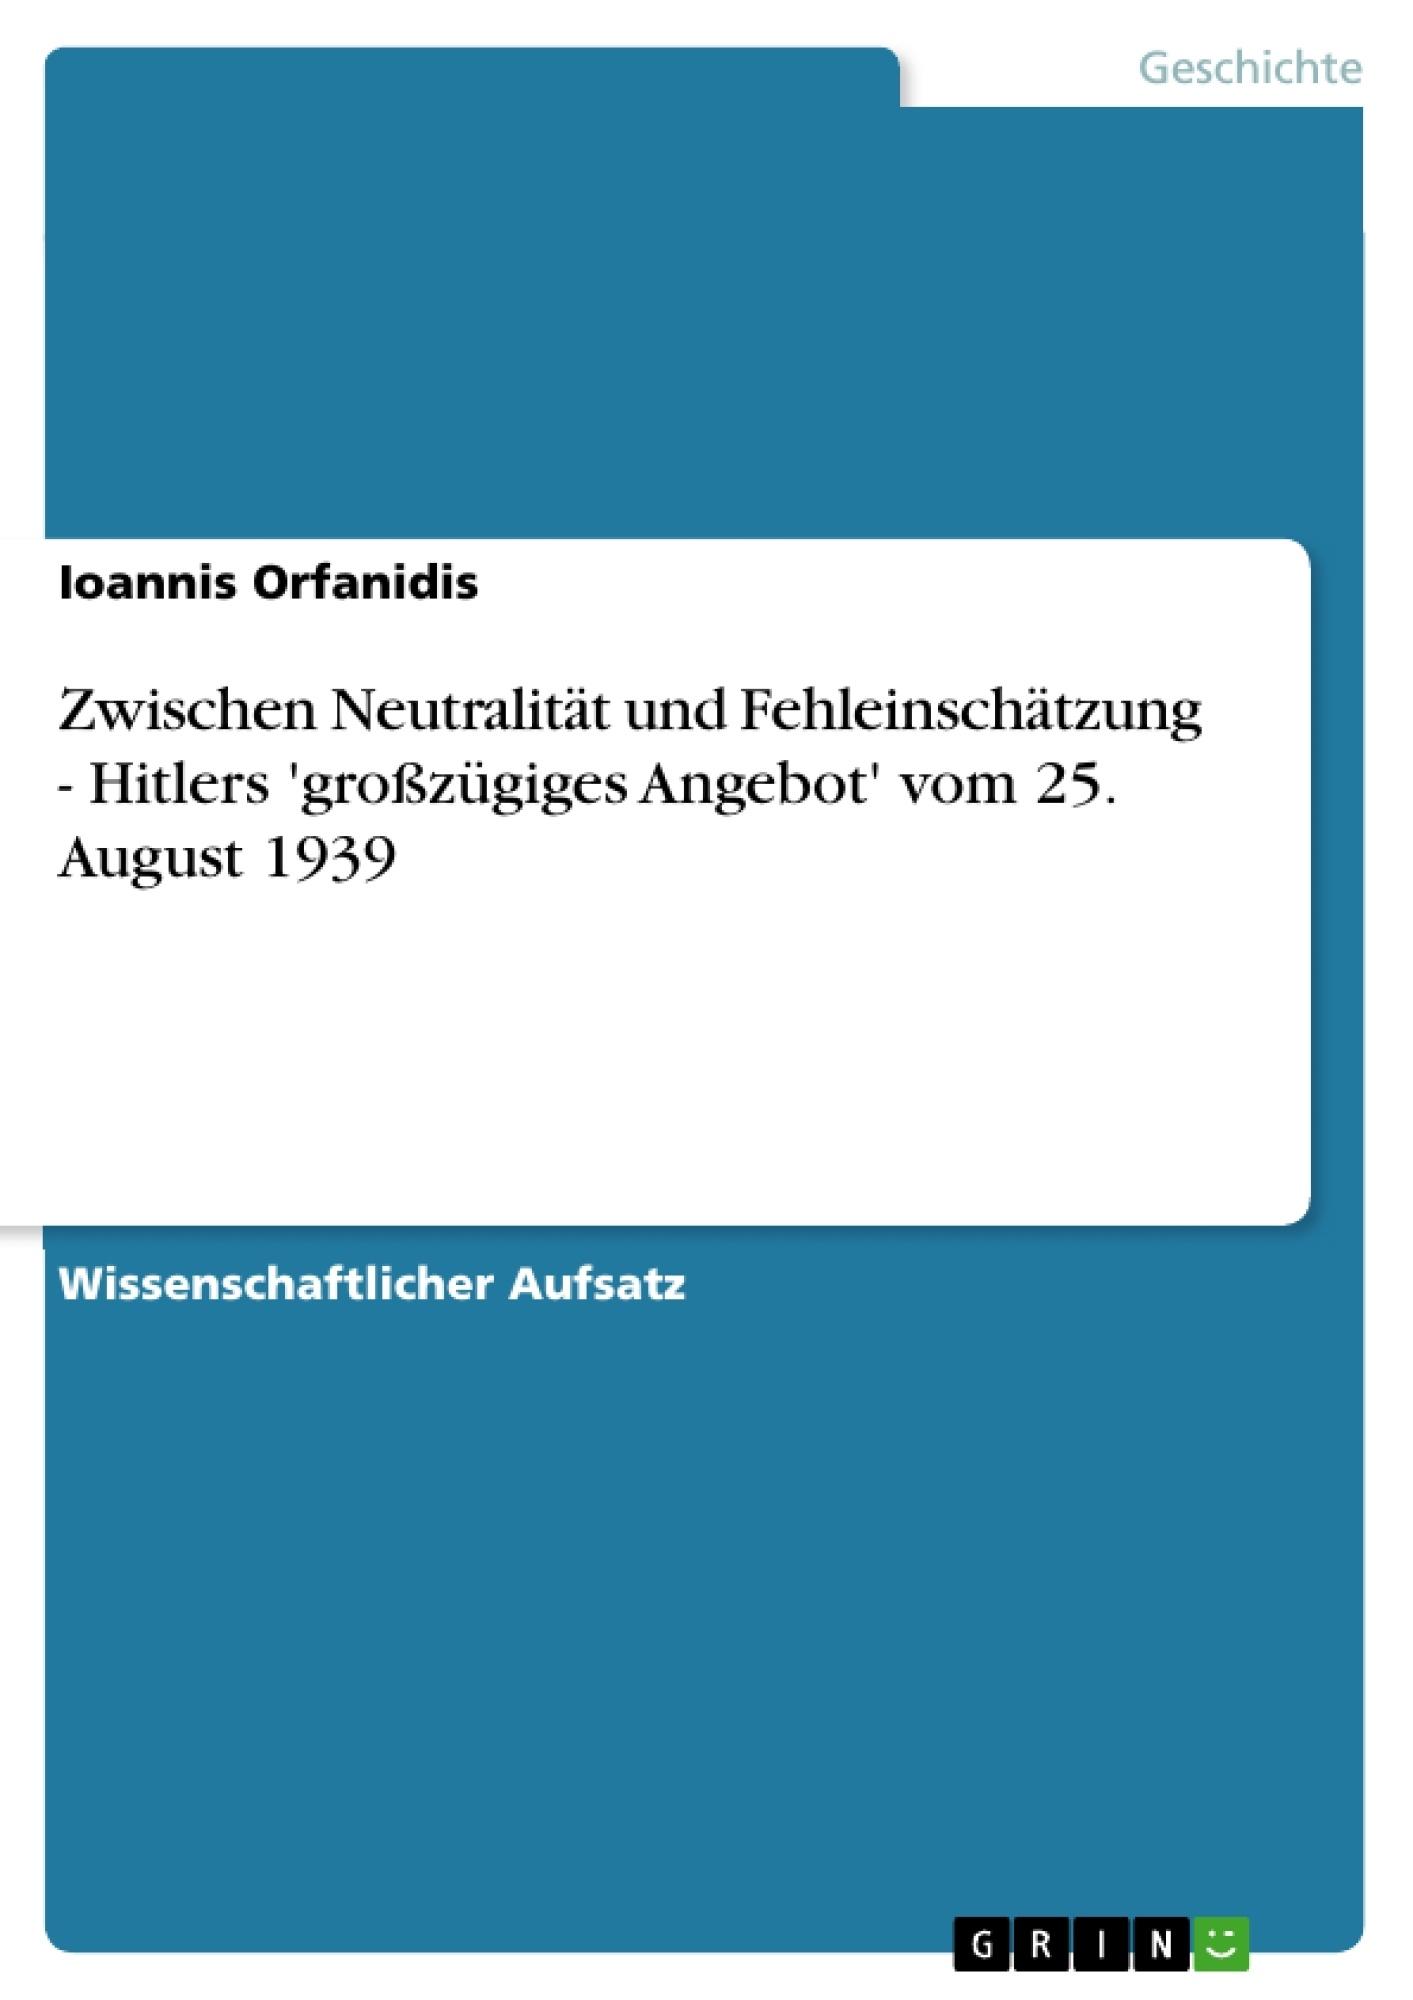 Titel: Zwischen Neutralität und Fehleinschätzung - Hitlers 'großzügiges Angebot' vom 25. August 1939